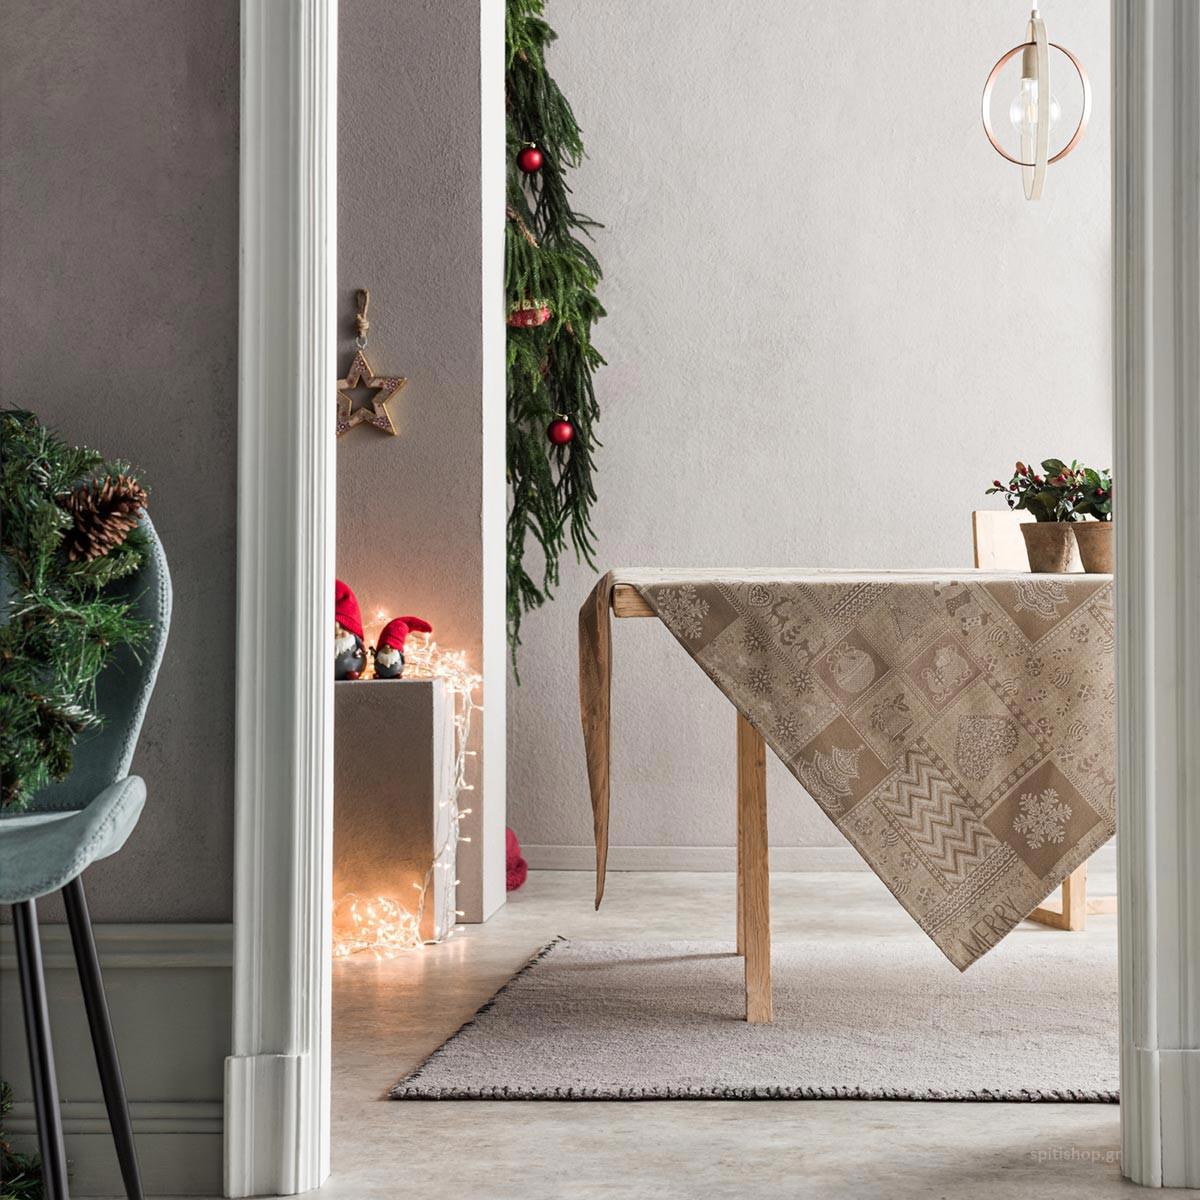 Χριστουγεννιάτικο Τραπεζομάντηλο (135×180) Gofis Home 594/04